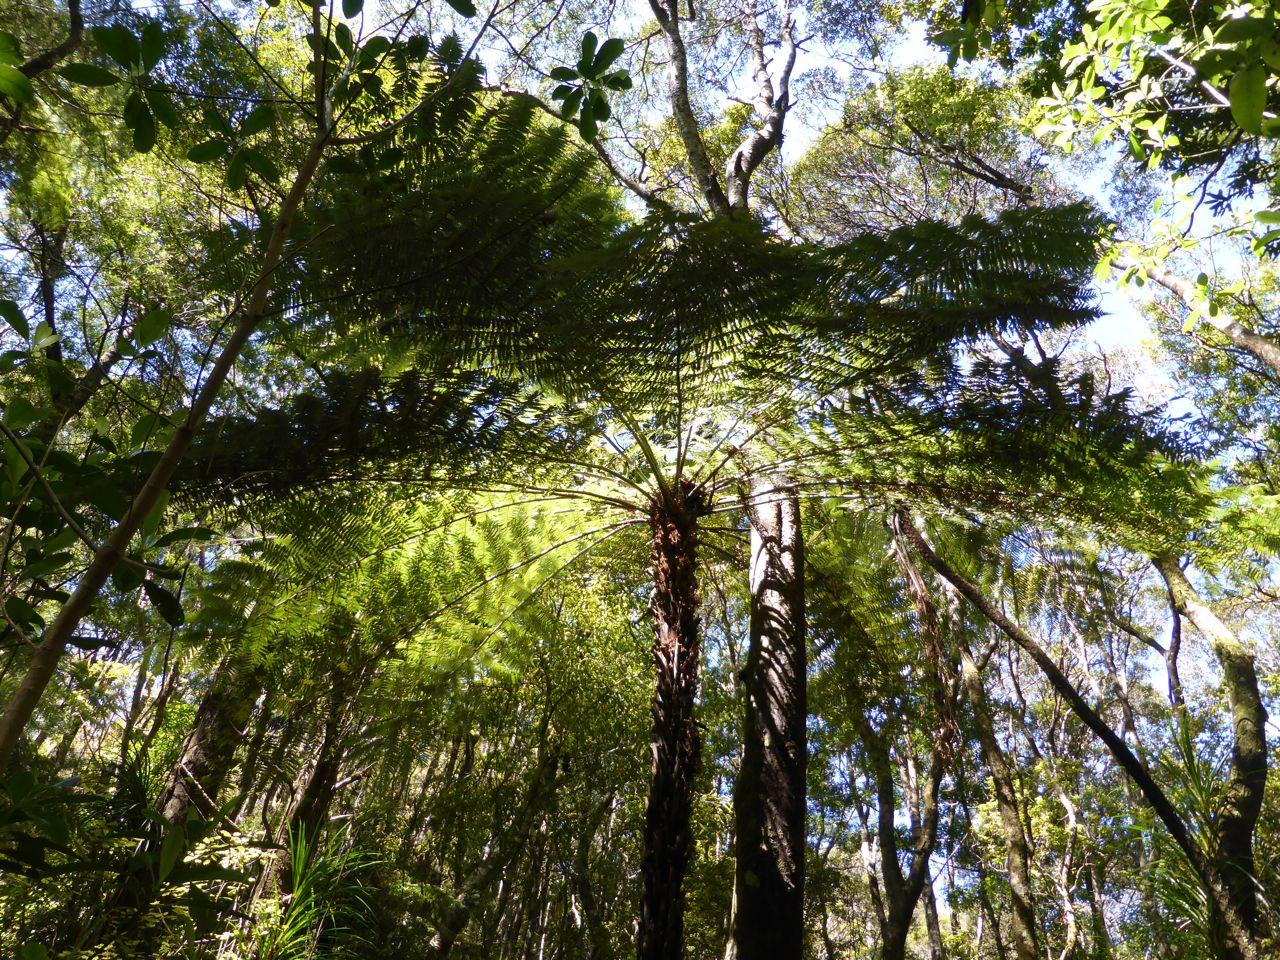 We vergapen ons aan de varens en palmvarens